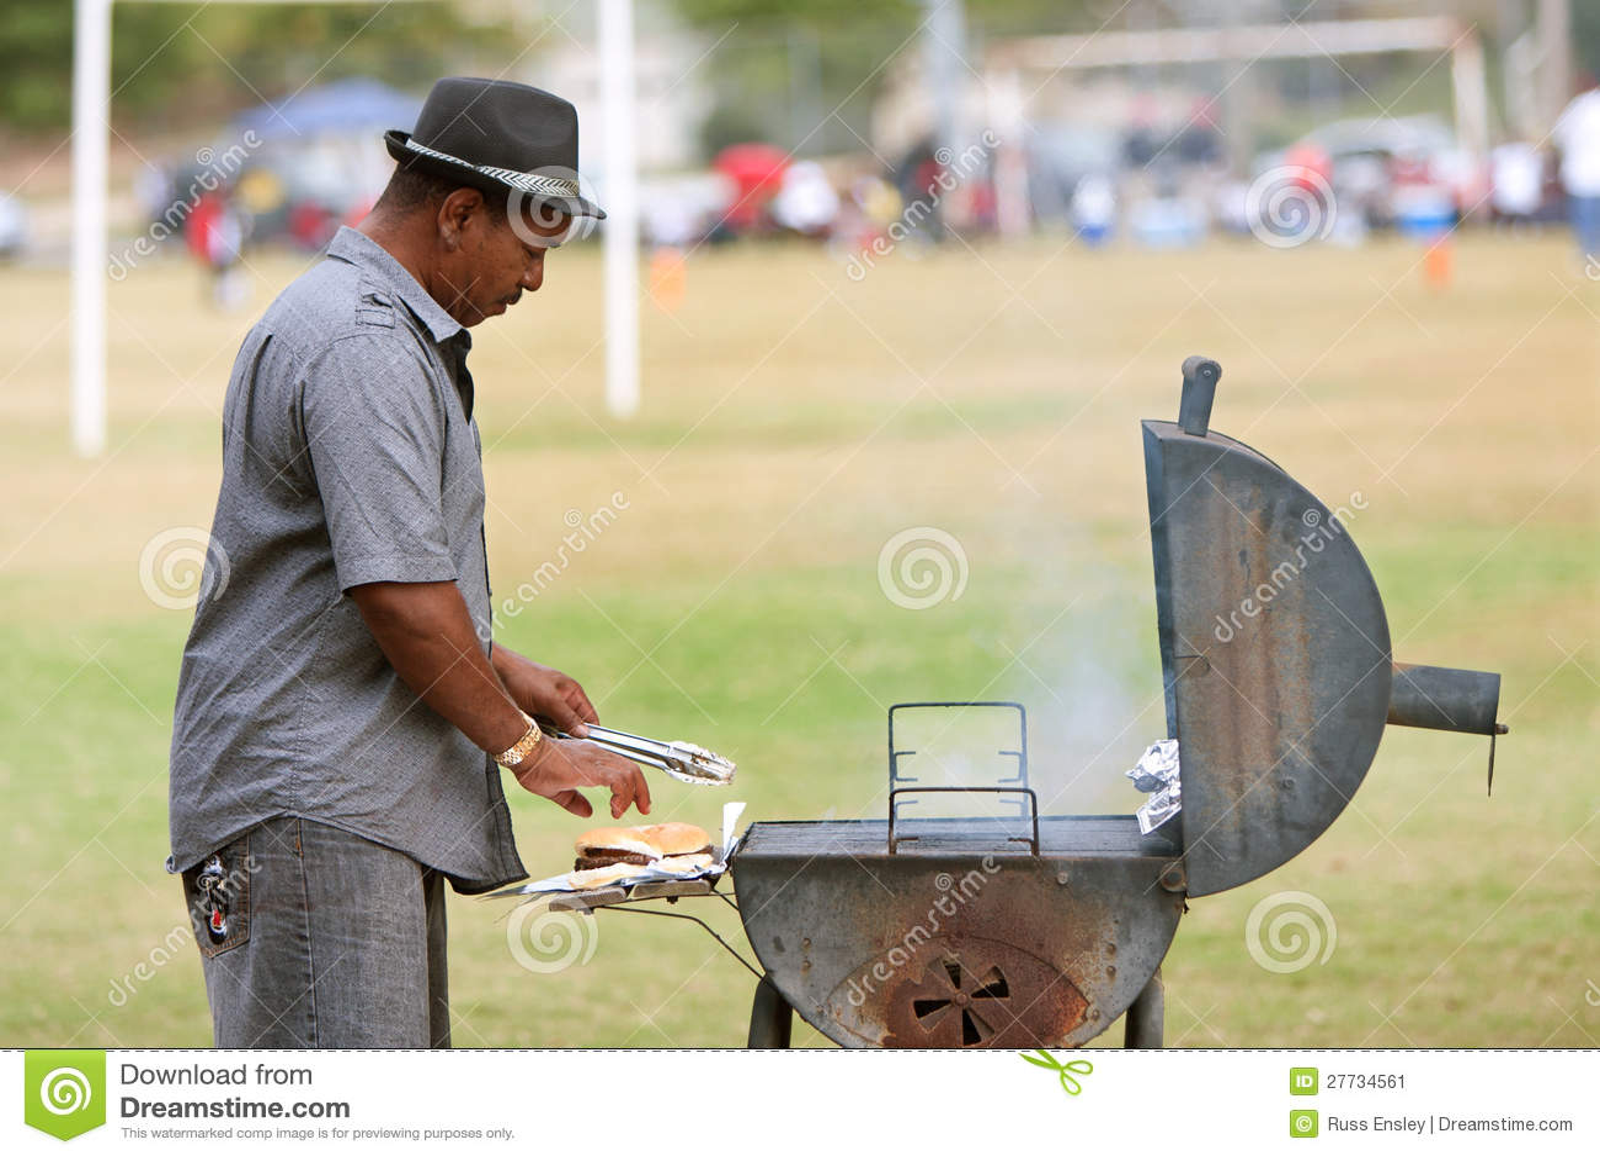 Mann grillt Hamburger für Jugend-Fußballspiel